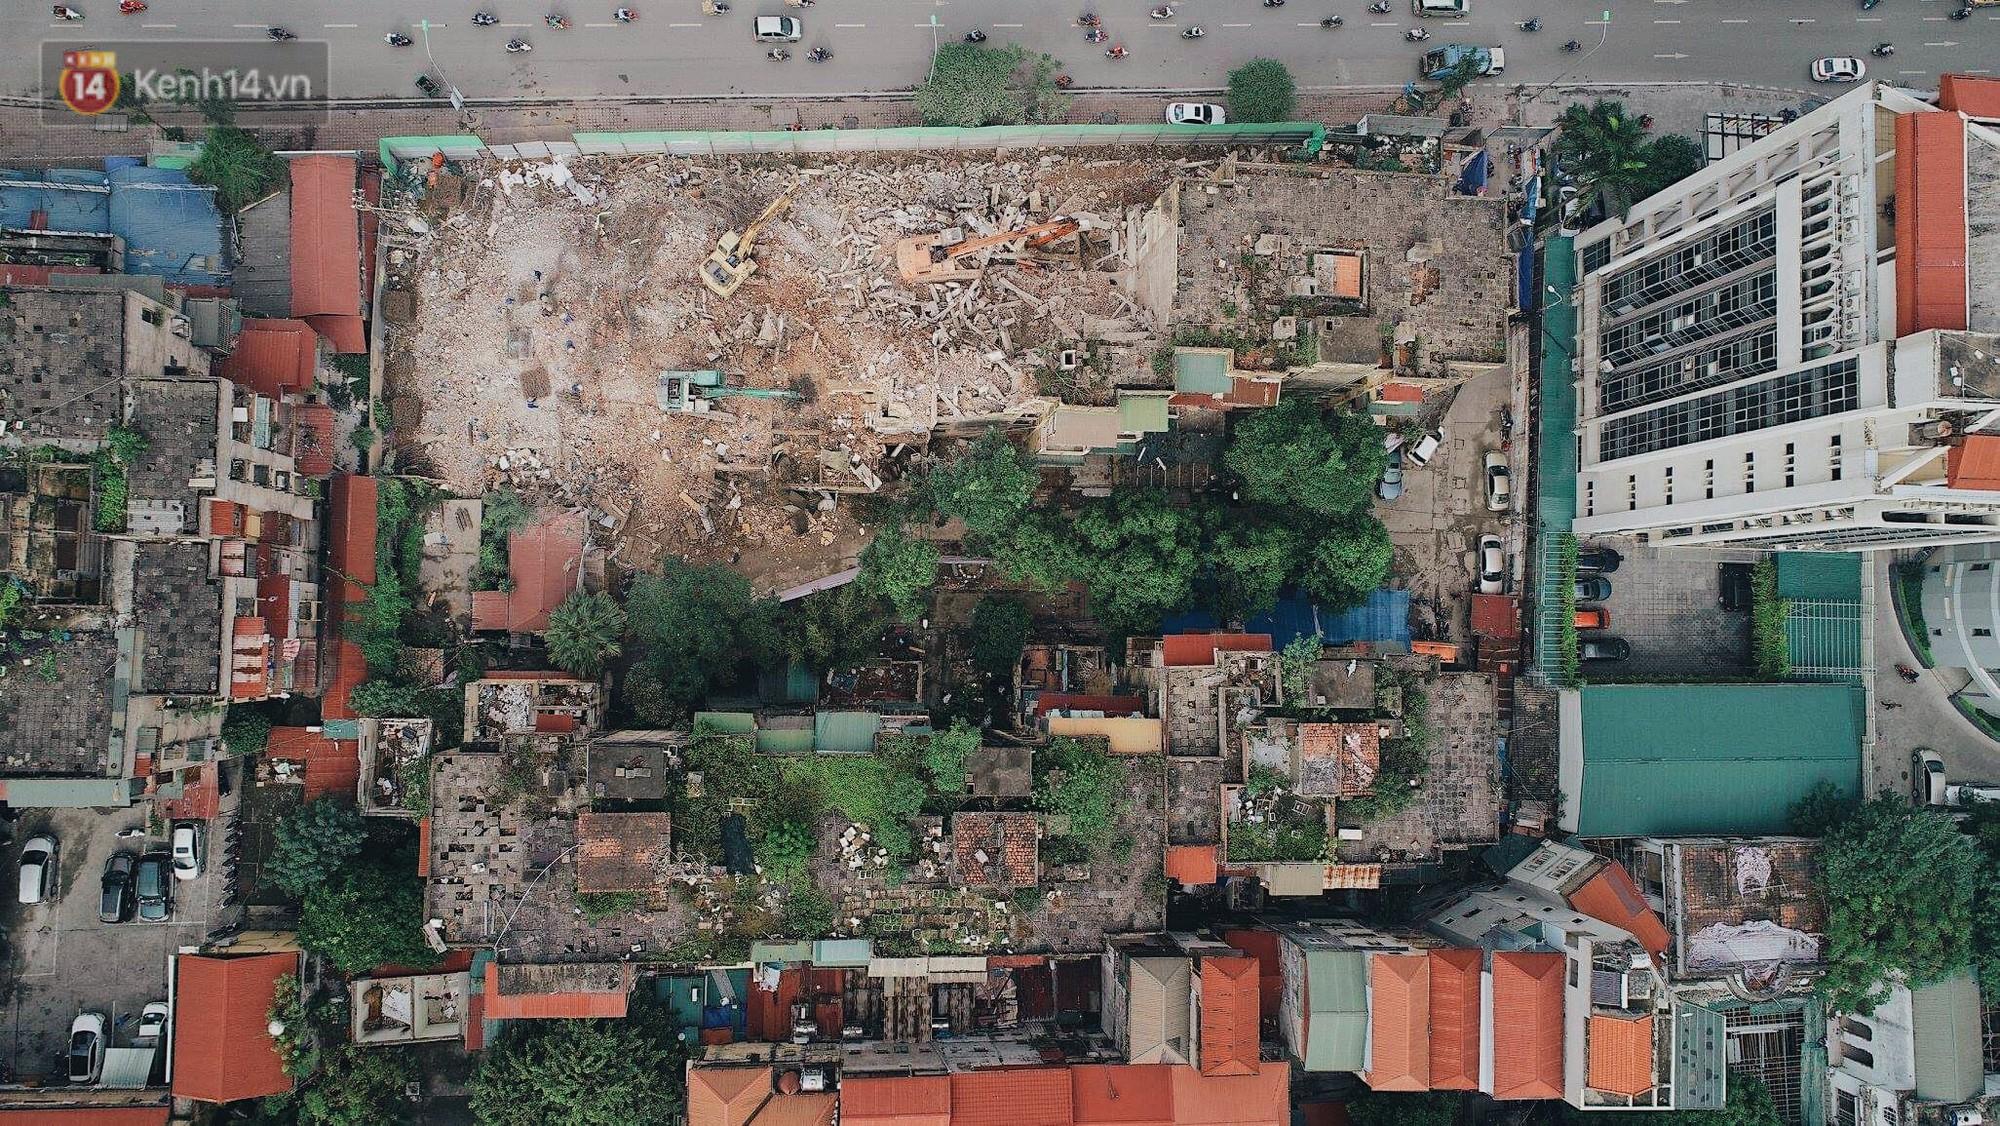 Phá dỡ khu tập thể đất vàng hơn 10 năm ngủ quên giữa trung tâm Hà Nội - Ảnh 5.